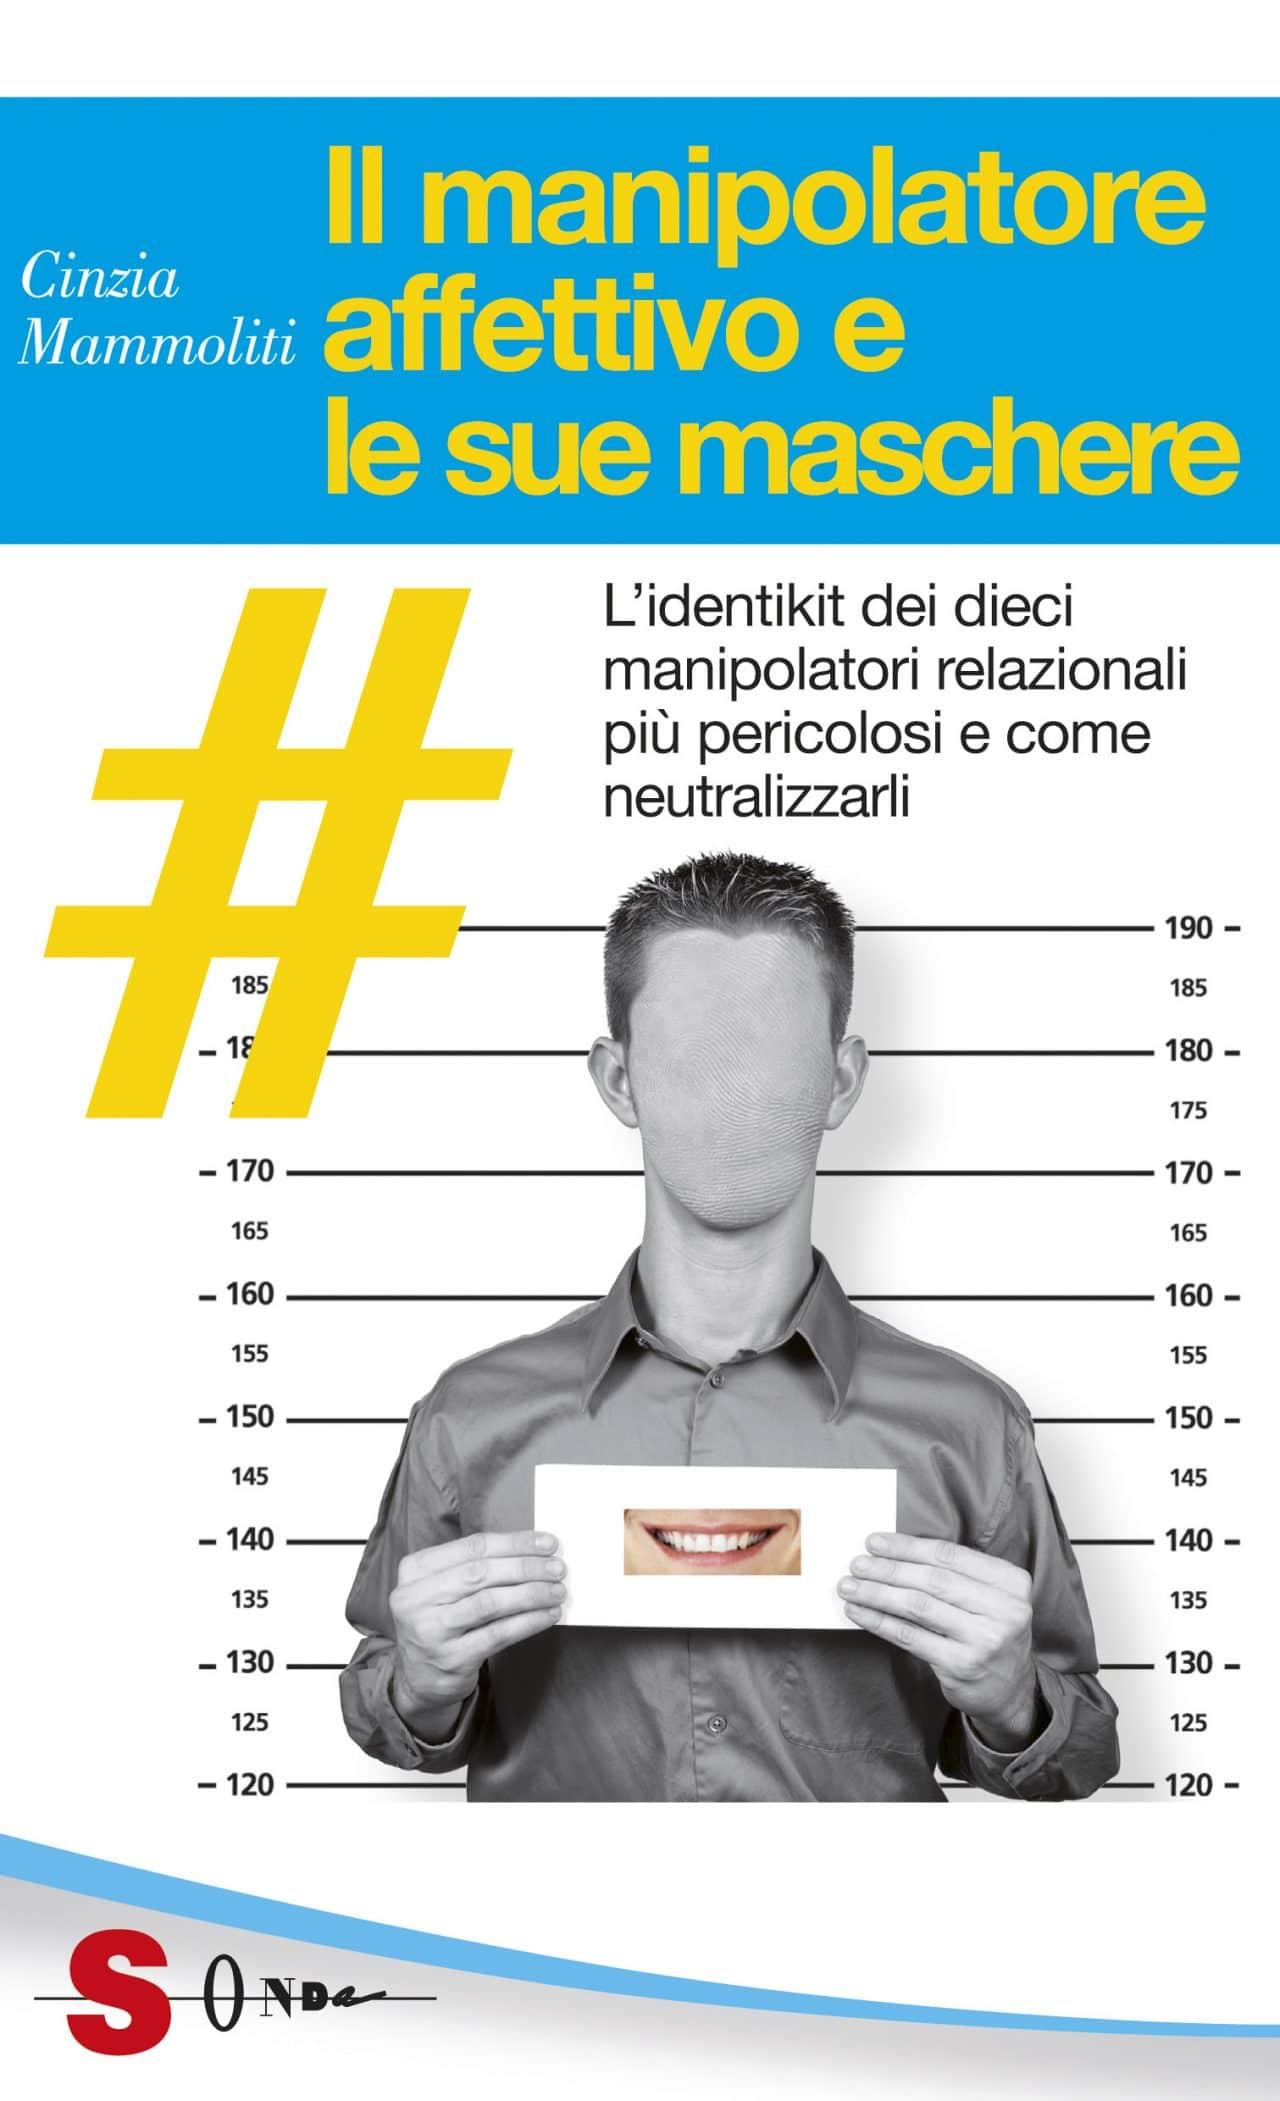 Il Manipolatore Affettivo E Le Sue Maschere. L'identikit Dei Dieci Manipolatori Relazionali Più Pericolosi E Come Neutralizzarli